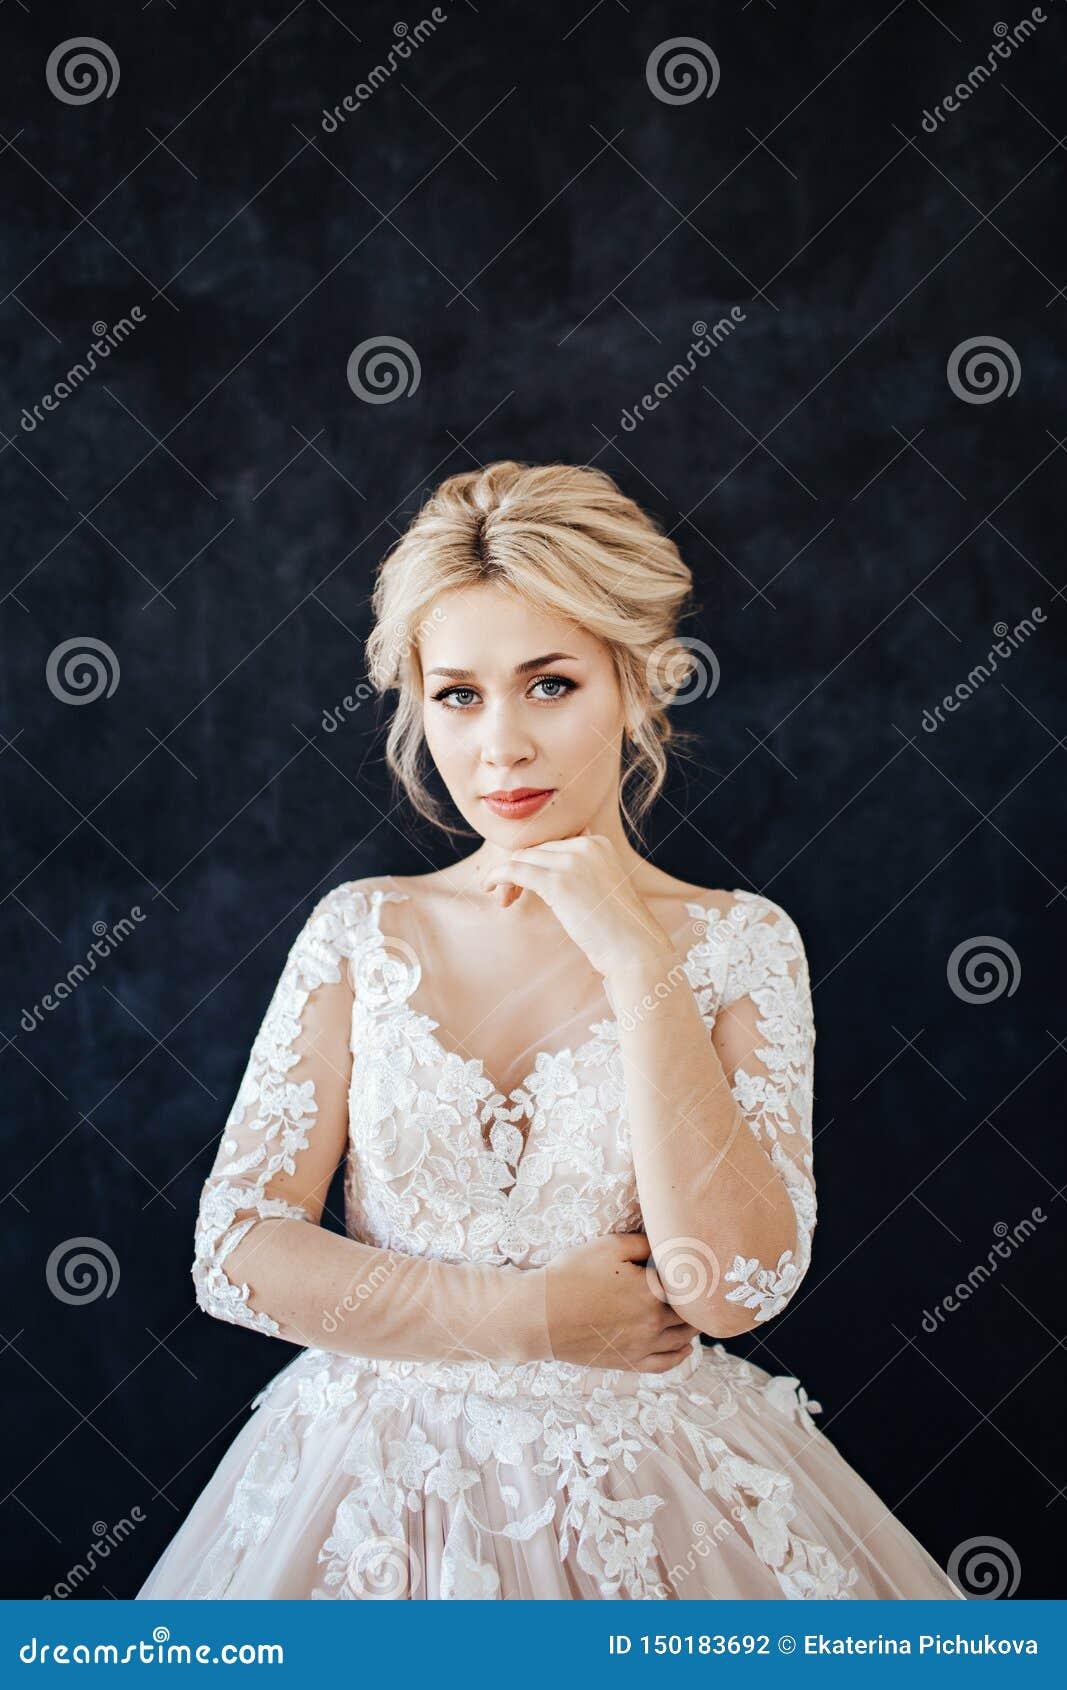 Studioportret van een jong meisje van de bruid met professioneel huwelijksmake-up en kapsel